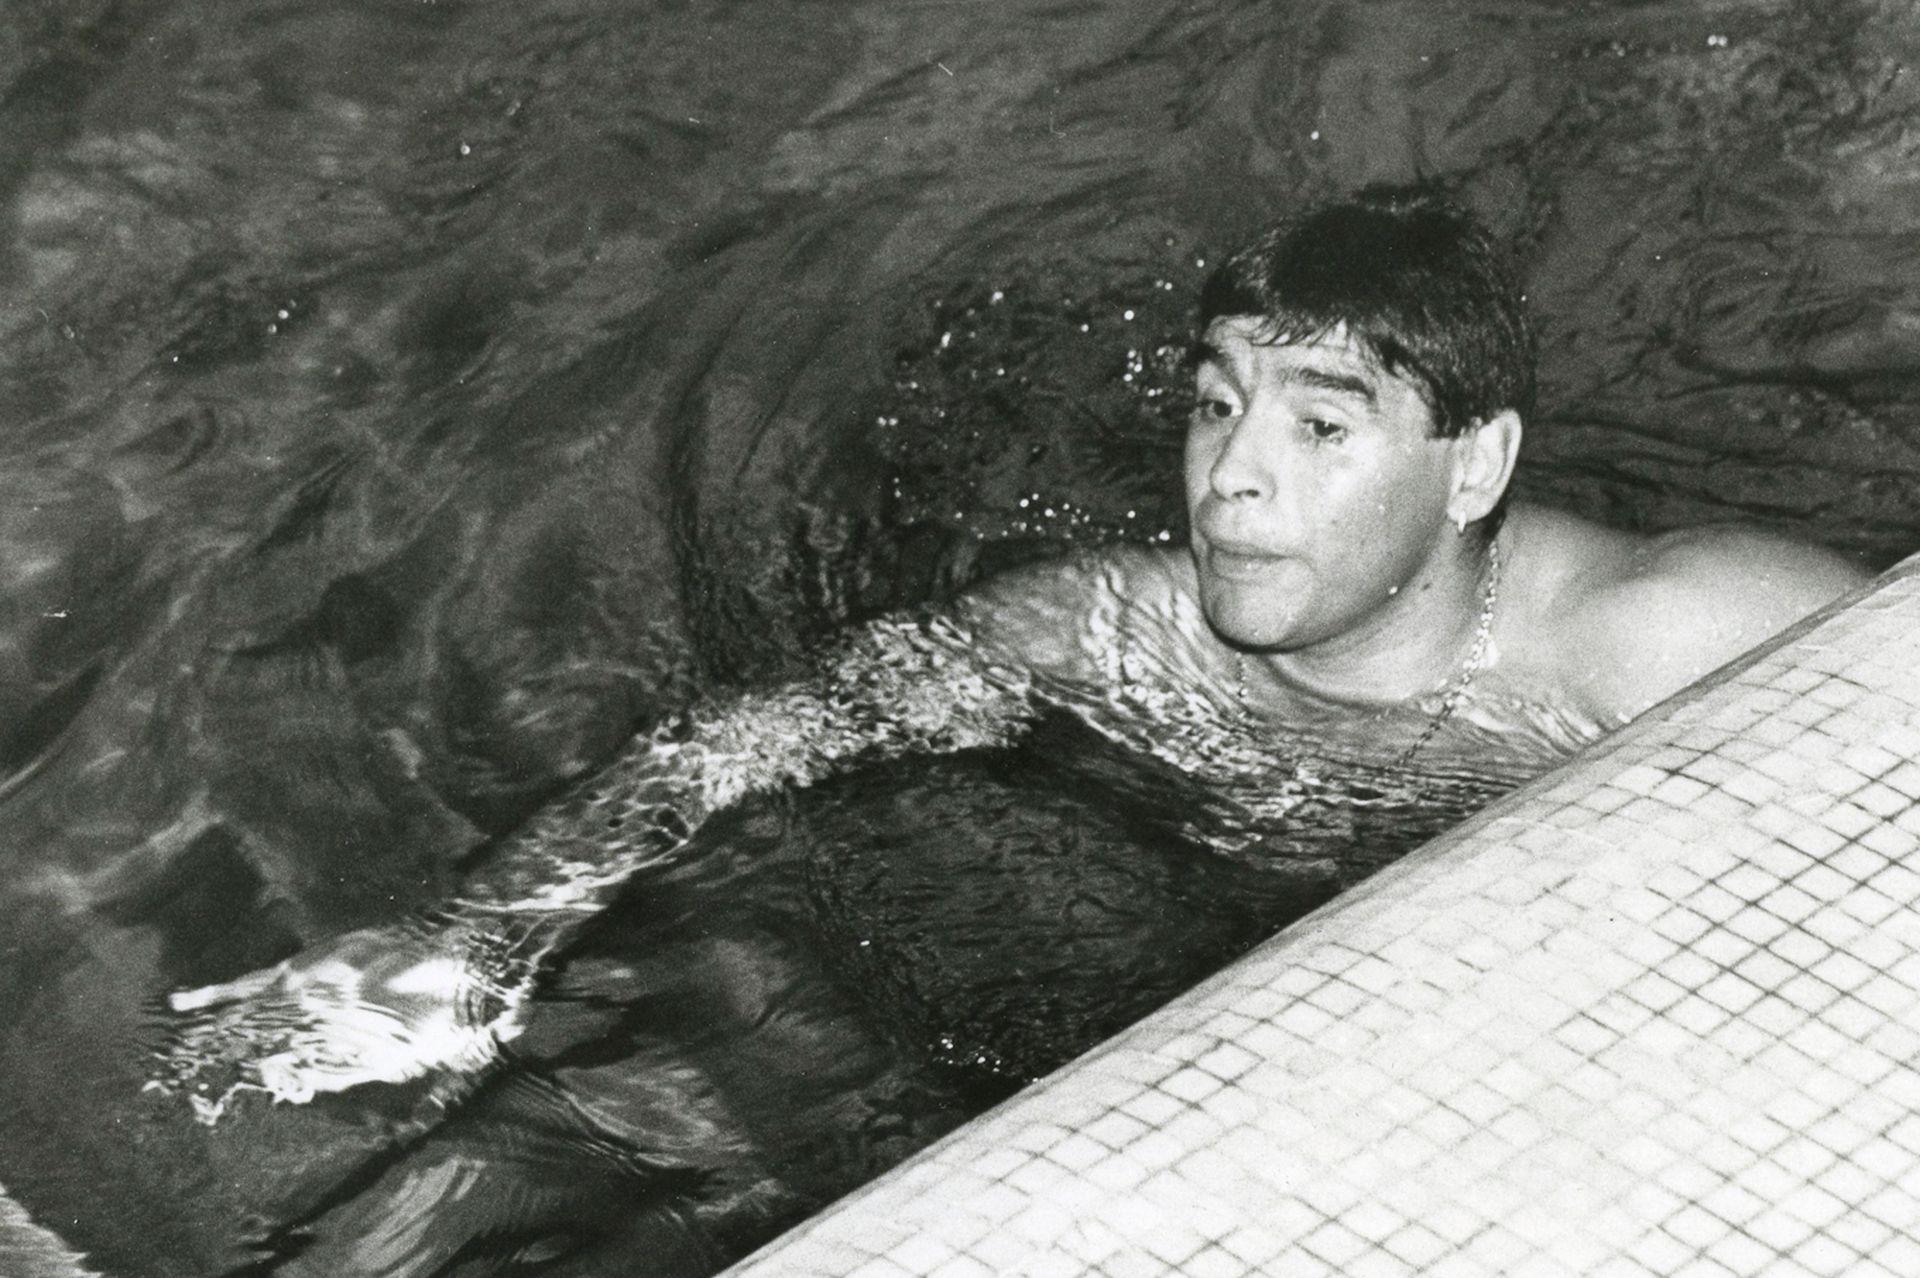 El entrenamiento de Diego en La Pampa: un poco de natación